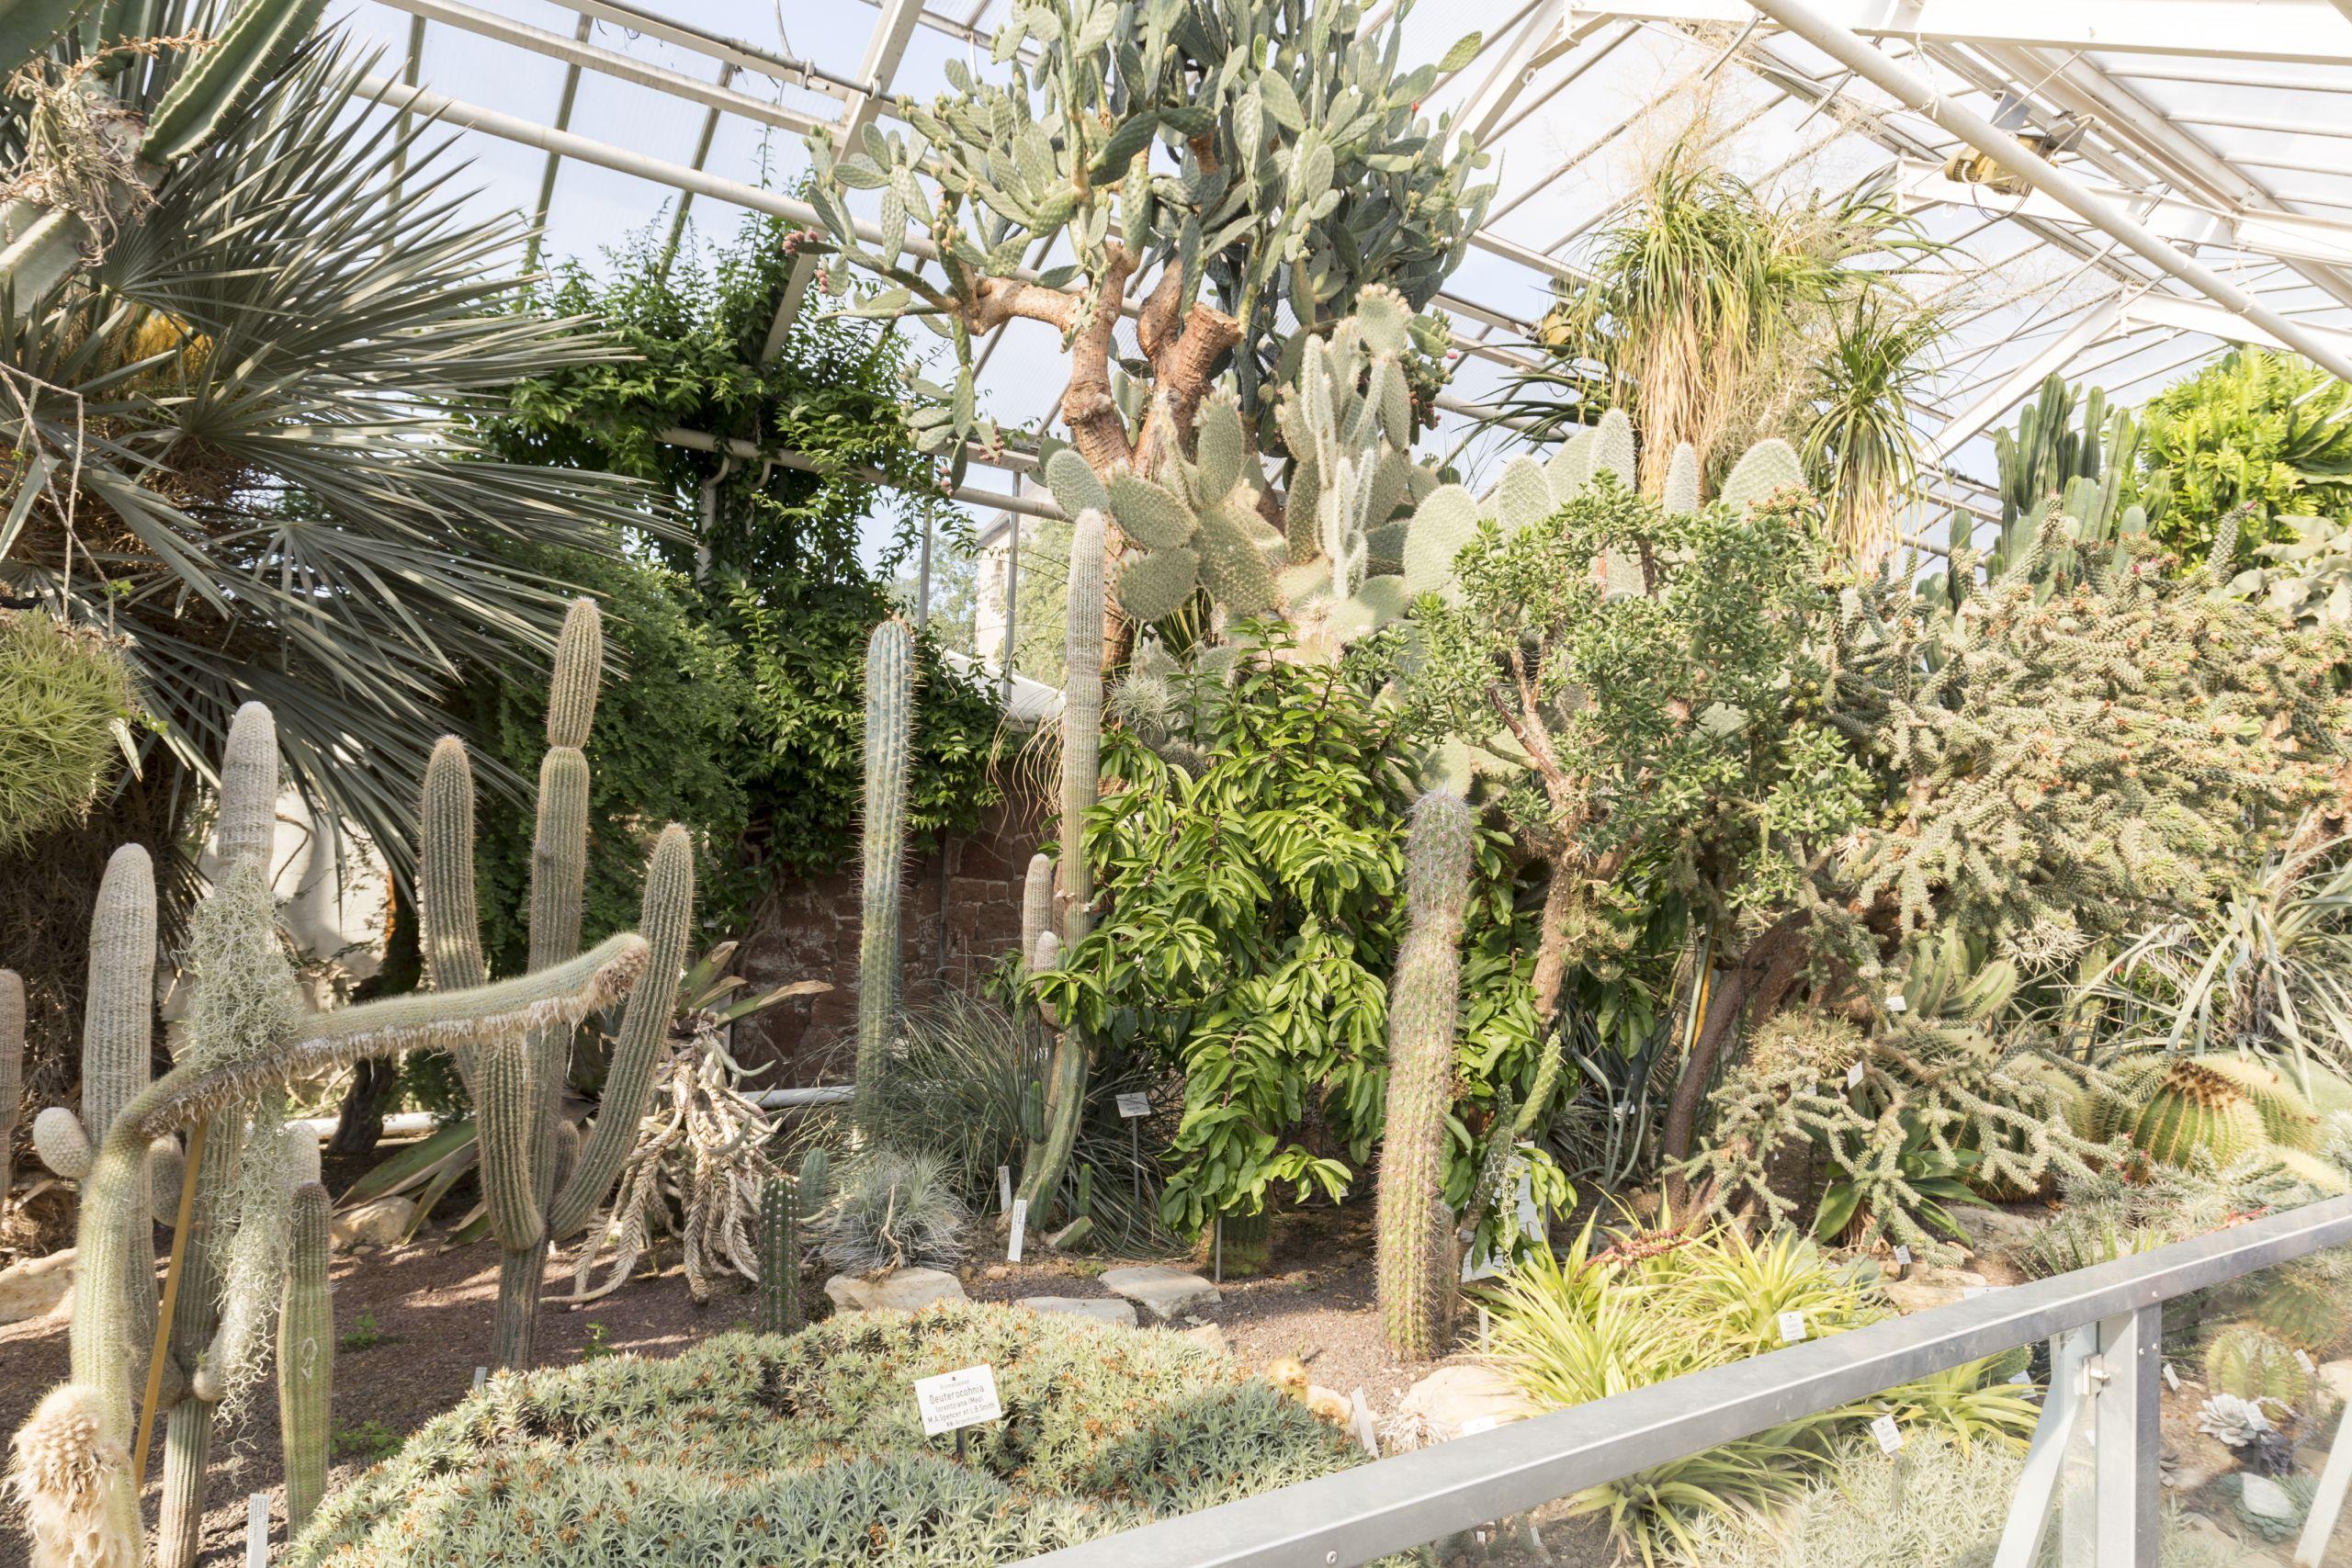 Botanischer Garten in Halle Saale im Sukulentenhaus tropische Pflanzen hautnah erleben panoramio 1